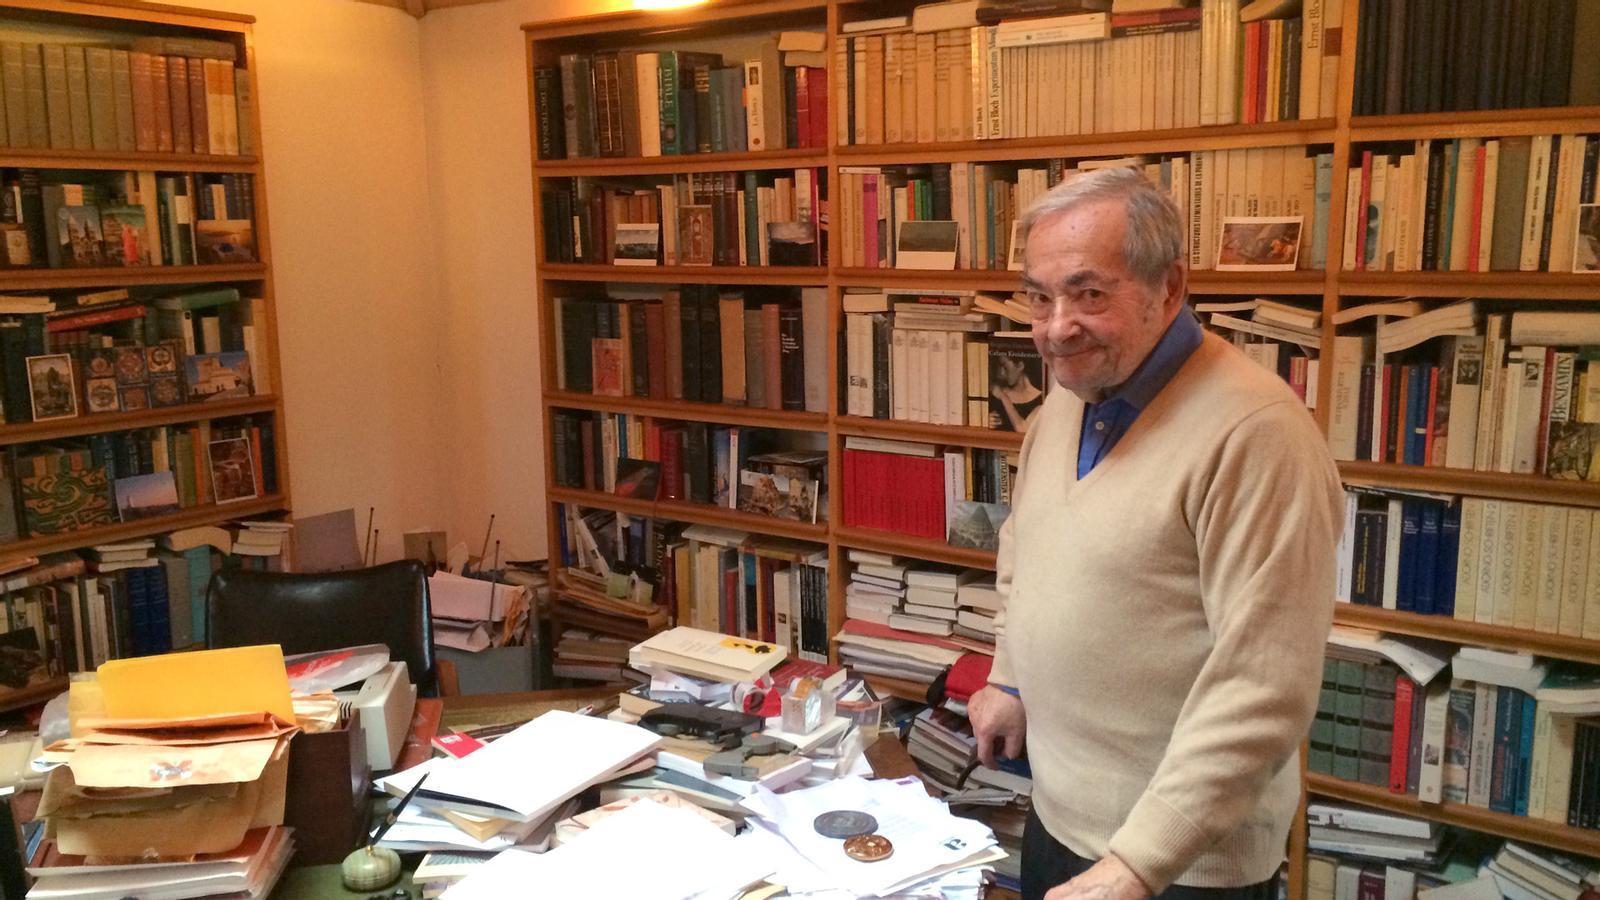 L'anàlisi d'Antoni Bassas: George Steiner es preguntava com pot algú cantar Schubert al vespre i torturar algú al matí